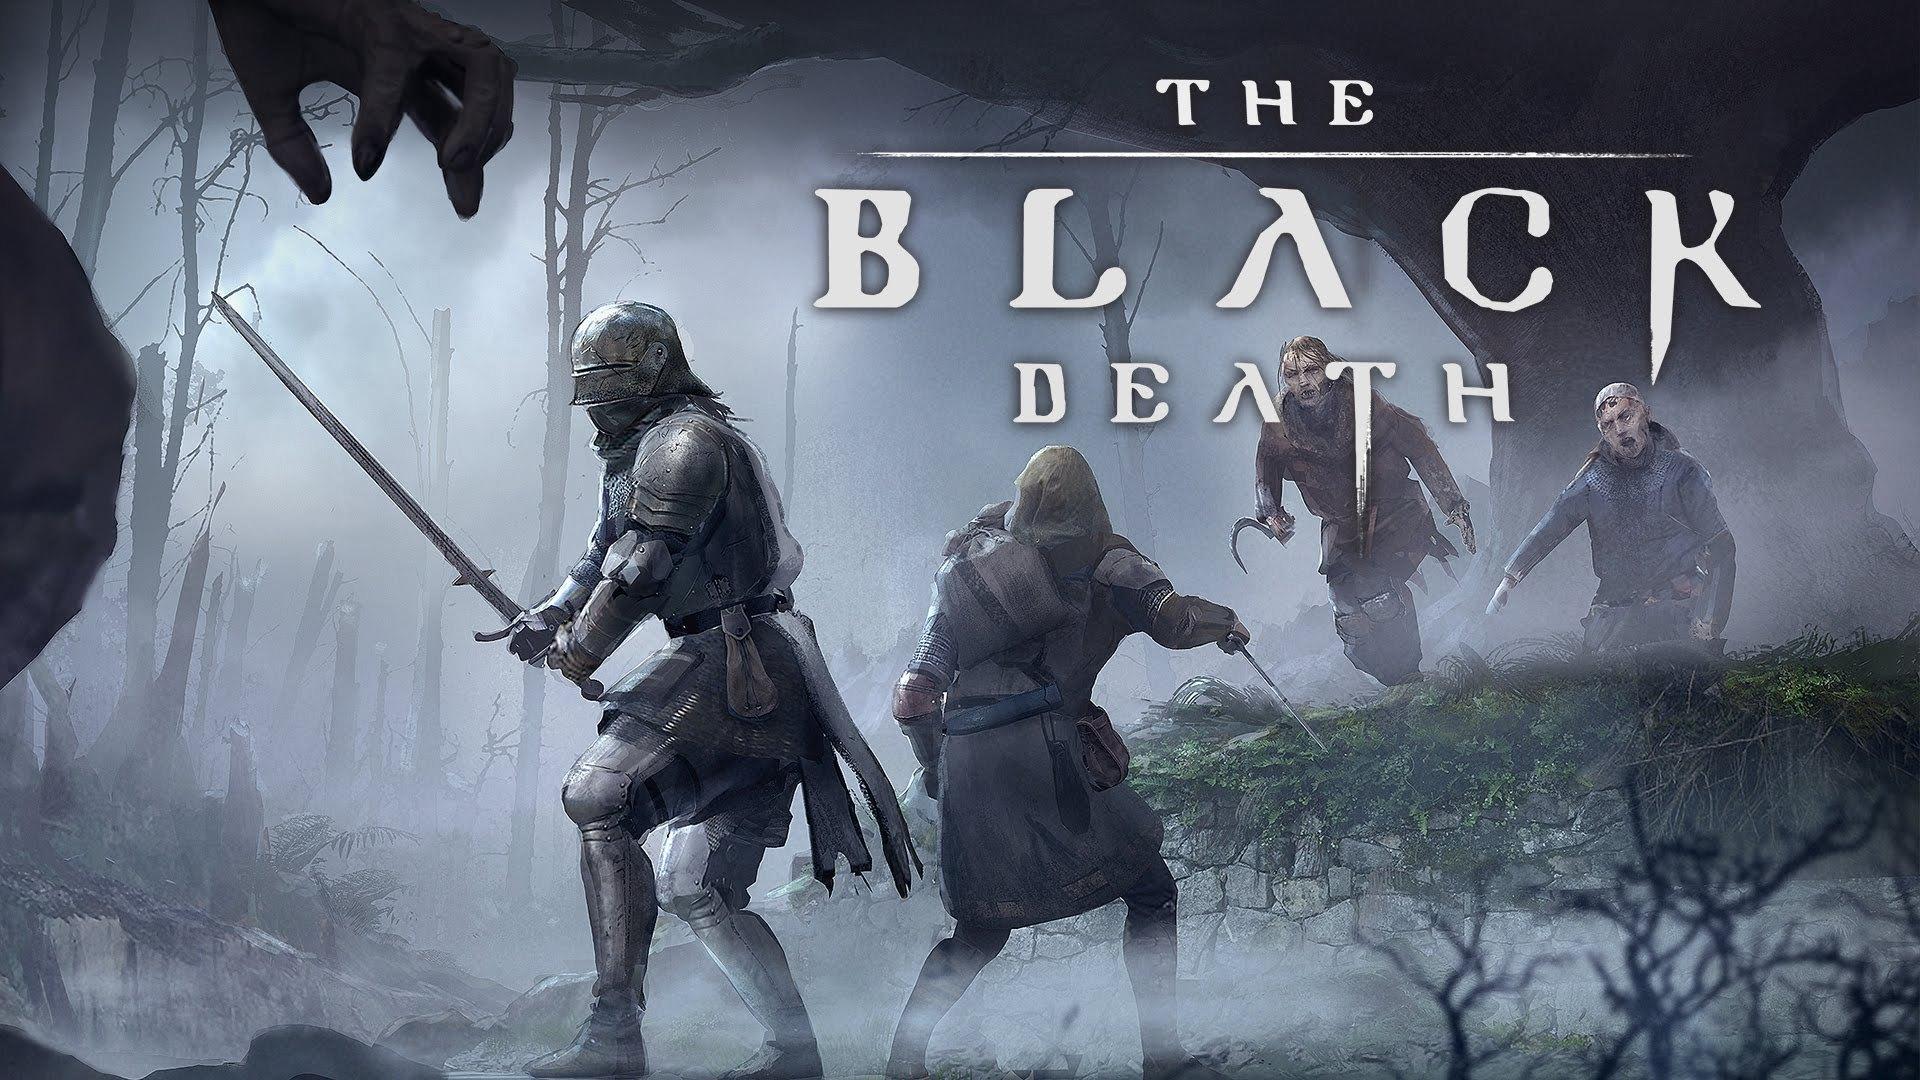 中世纪生存网游《黑死病》将于4月19日登陆steam